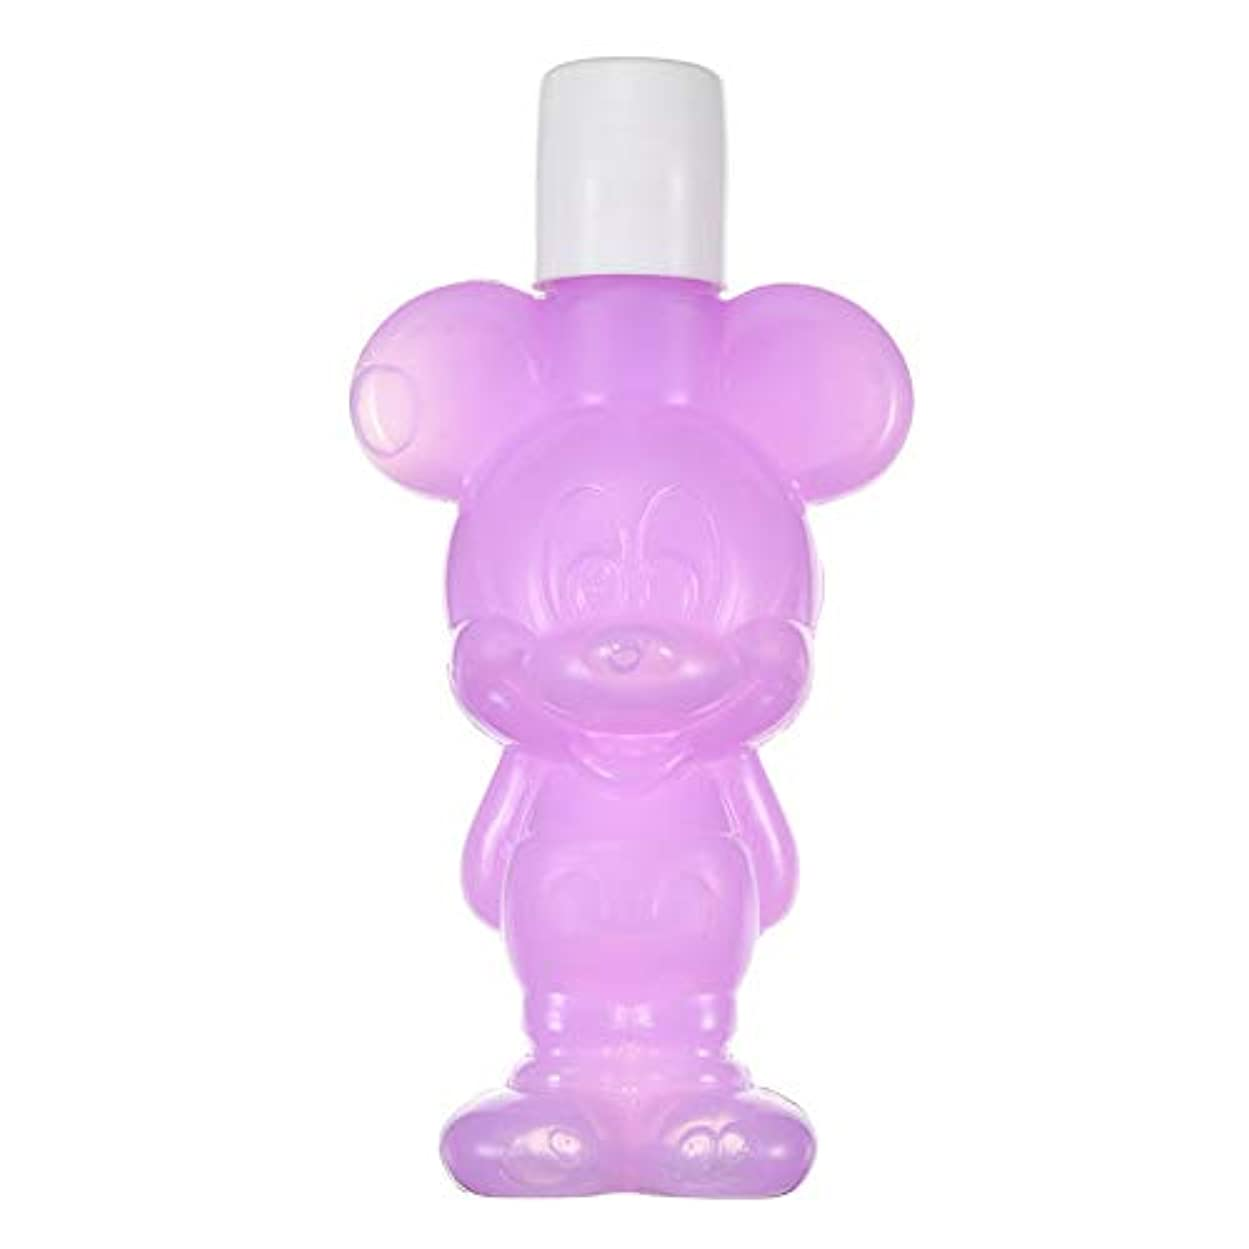 マカダムアーサーコナンドイルどこにでもディズニーストア(公式)保湿ジェル ミッキー パープル Gummy Candy Cosme